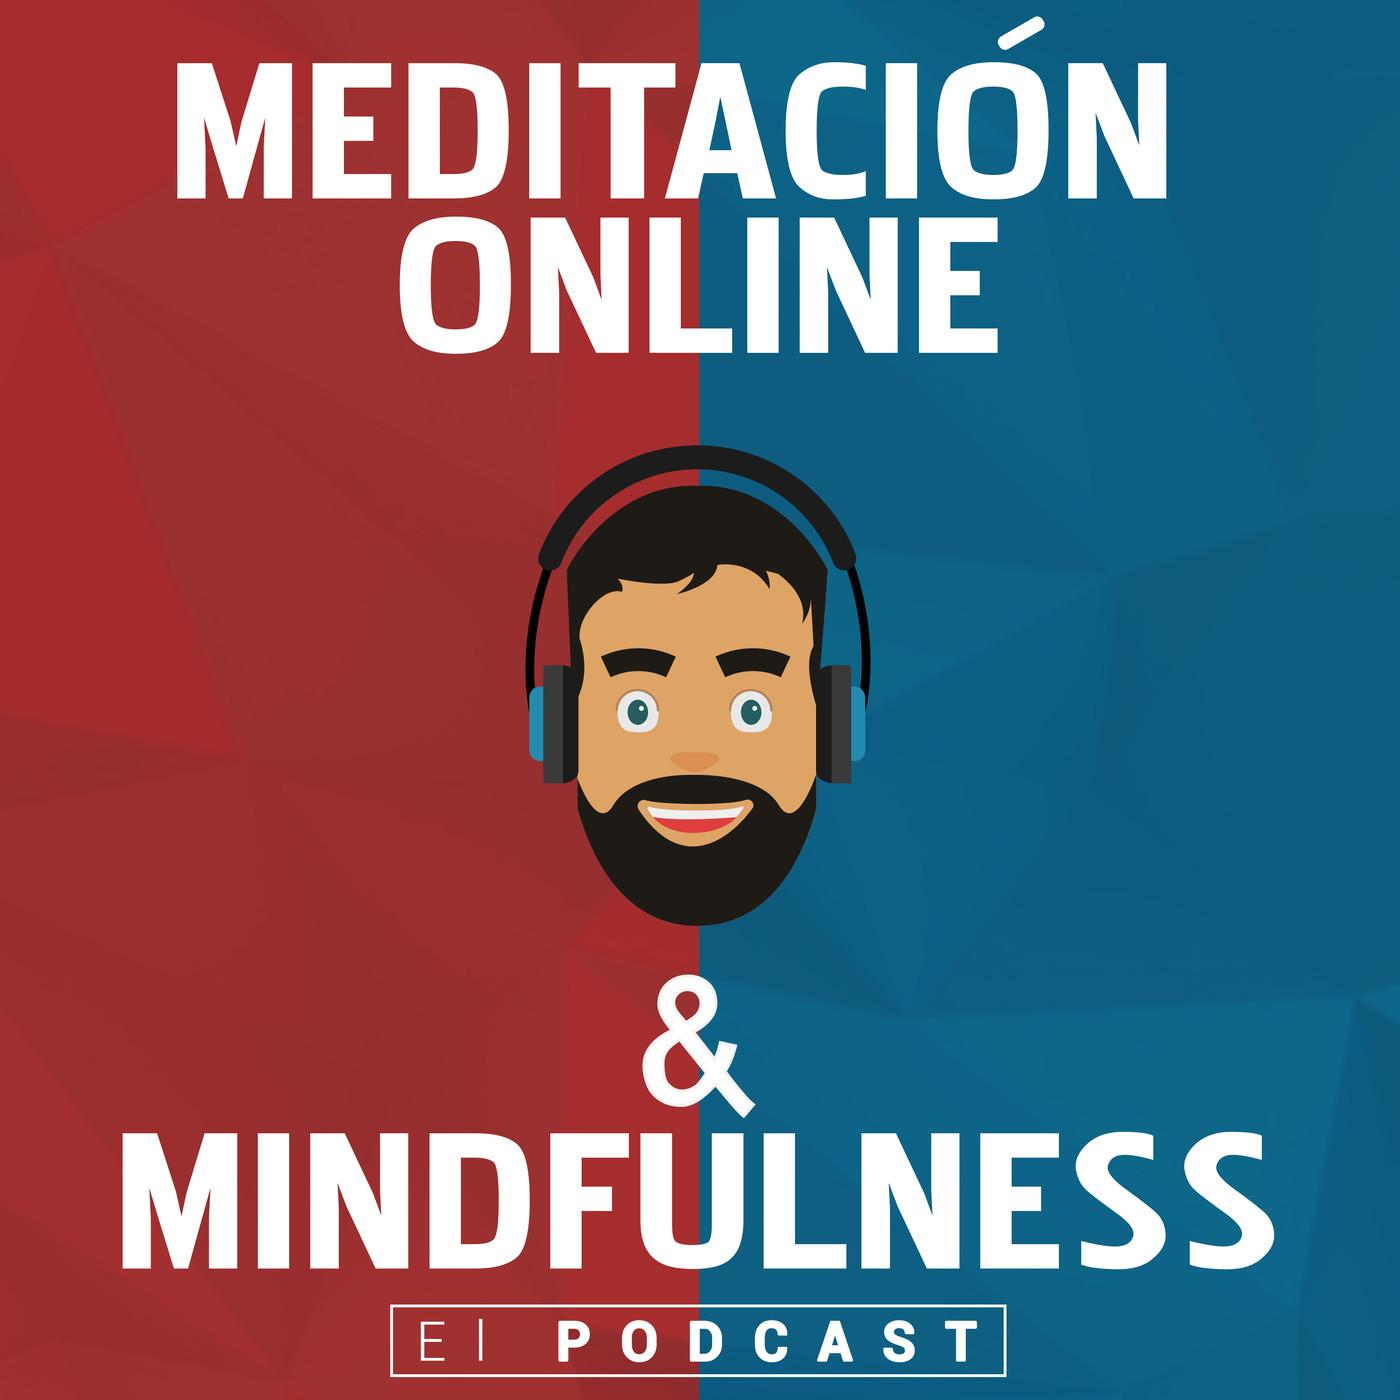 349. Ejercicio Mindfulness: Consciencia mientras espera y tu respiración